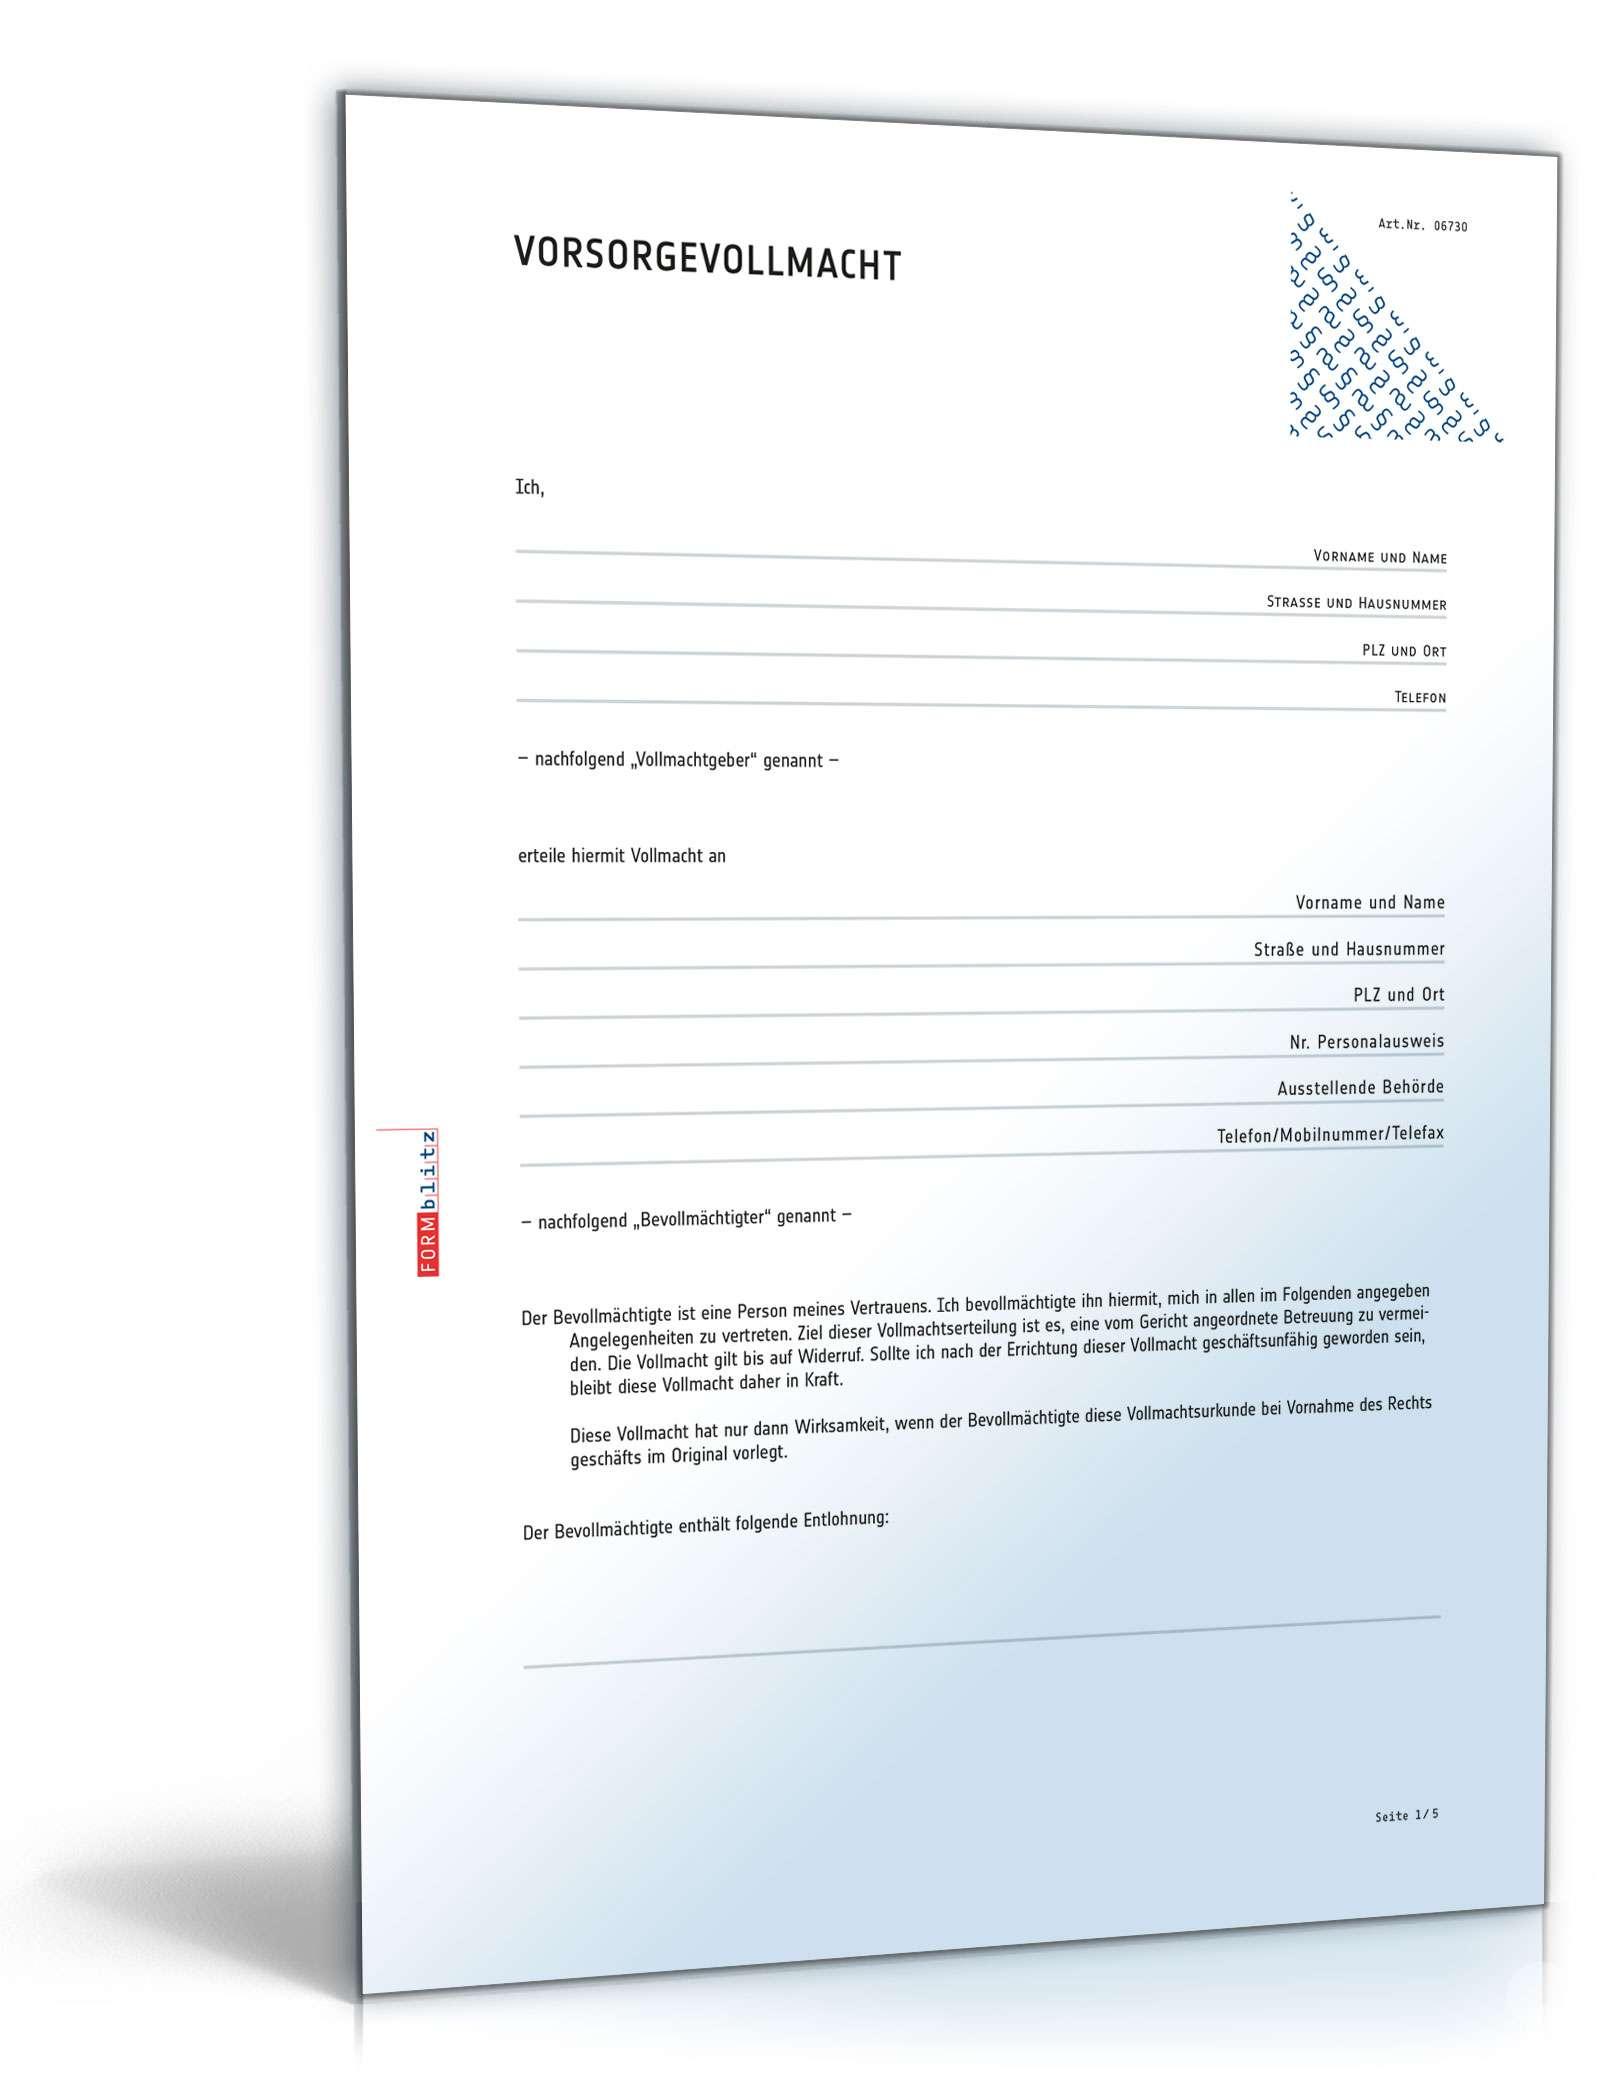 Vorsorgevollmacht Vorlage Formular Vordruck Muster